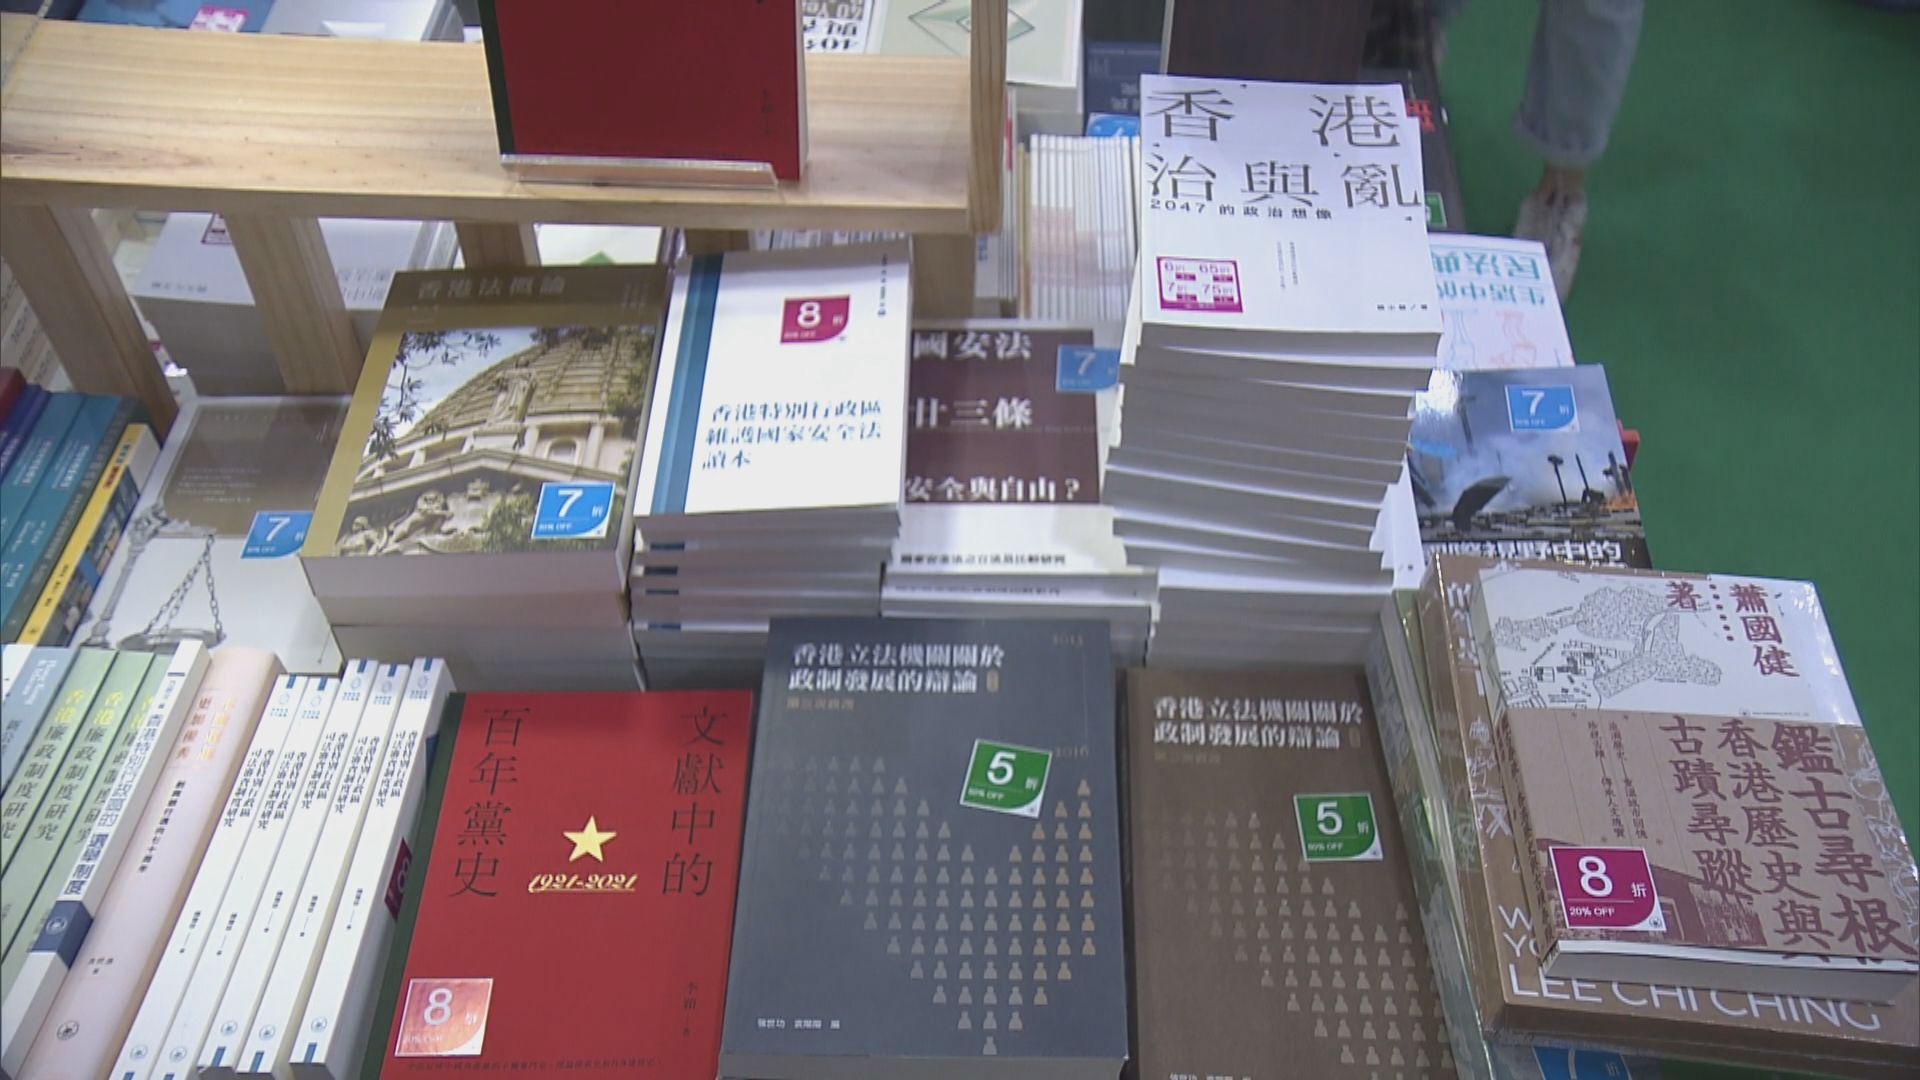 書展有介紹共產黨及國安法書籍 亦有反修例書籍展出